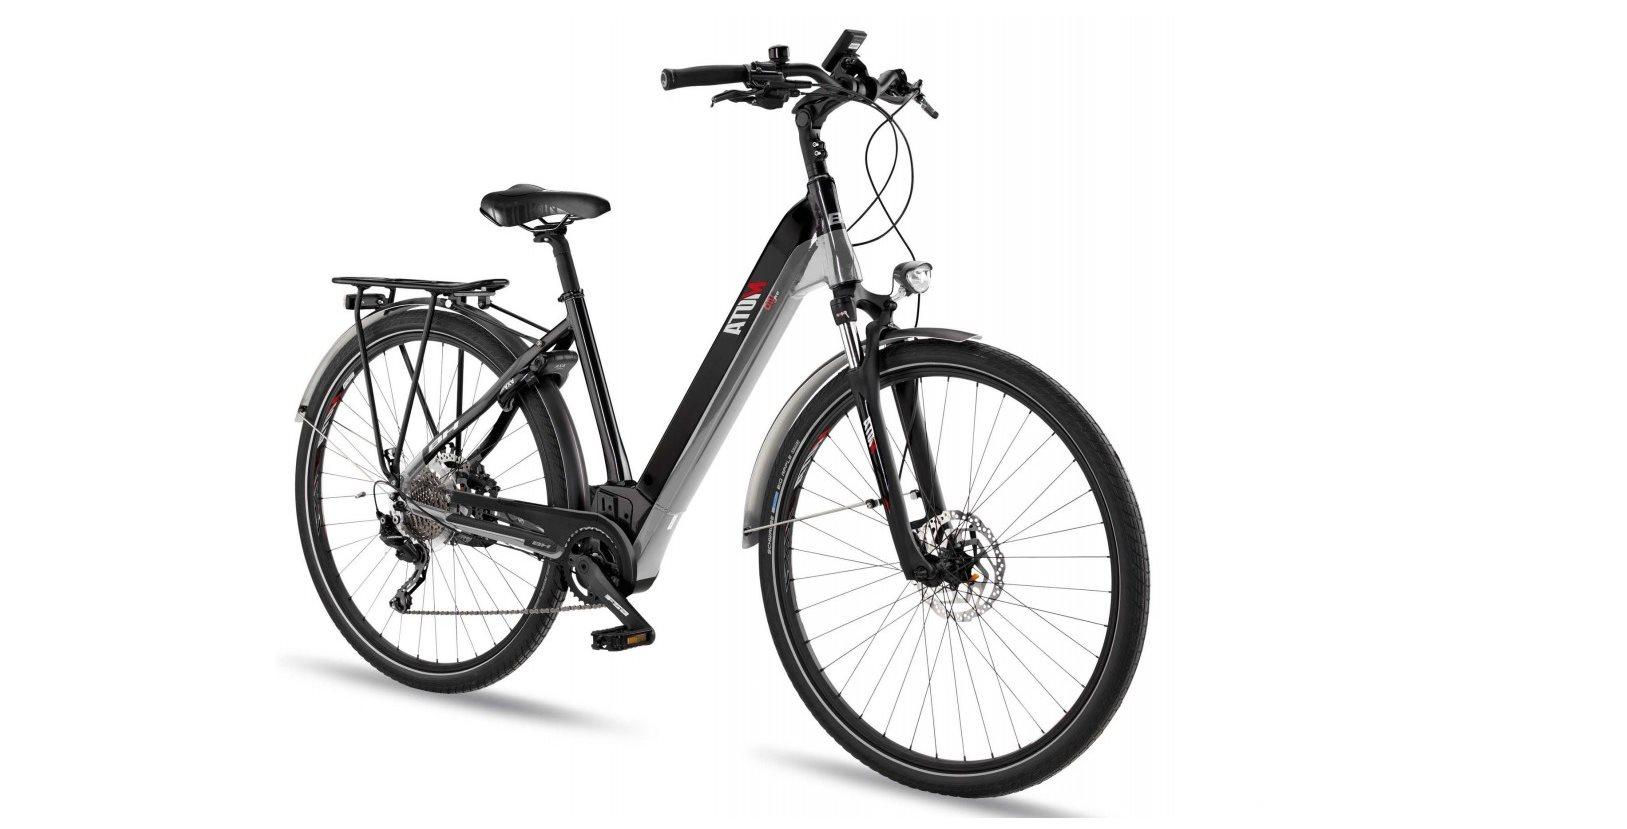 La española BH presenta bicicletas eléctricas con baterías de 720Wh